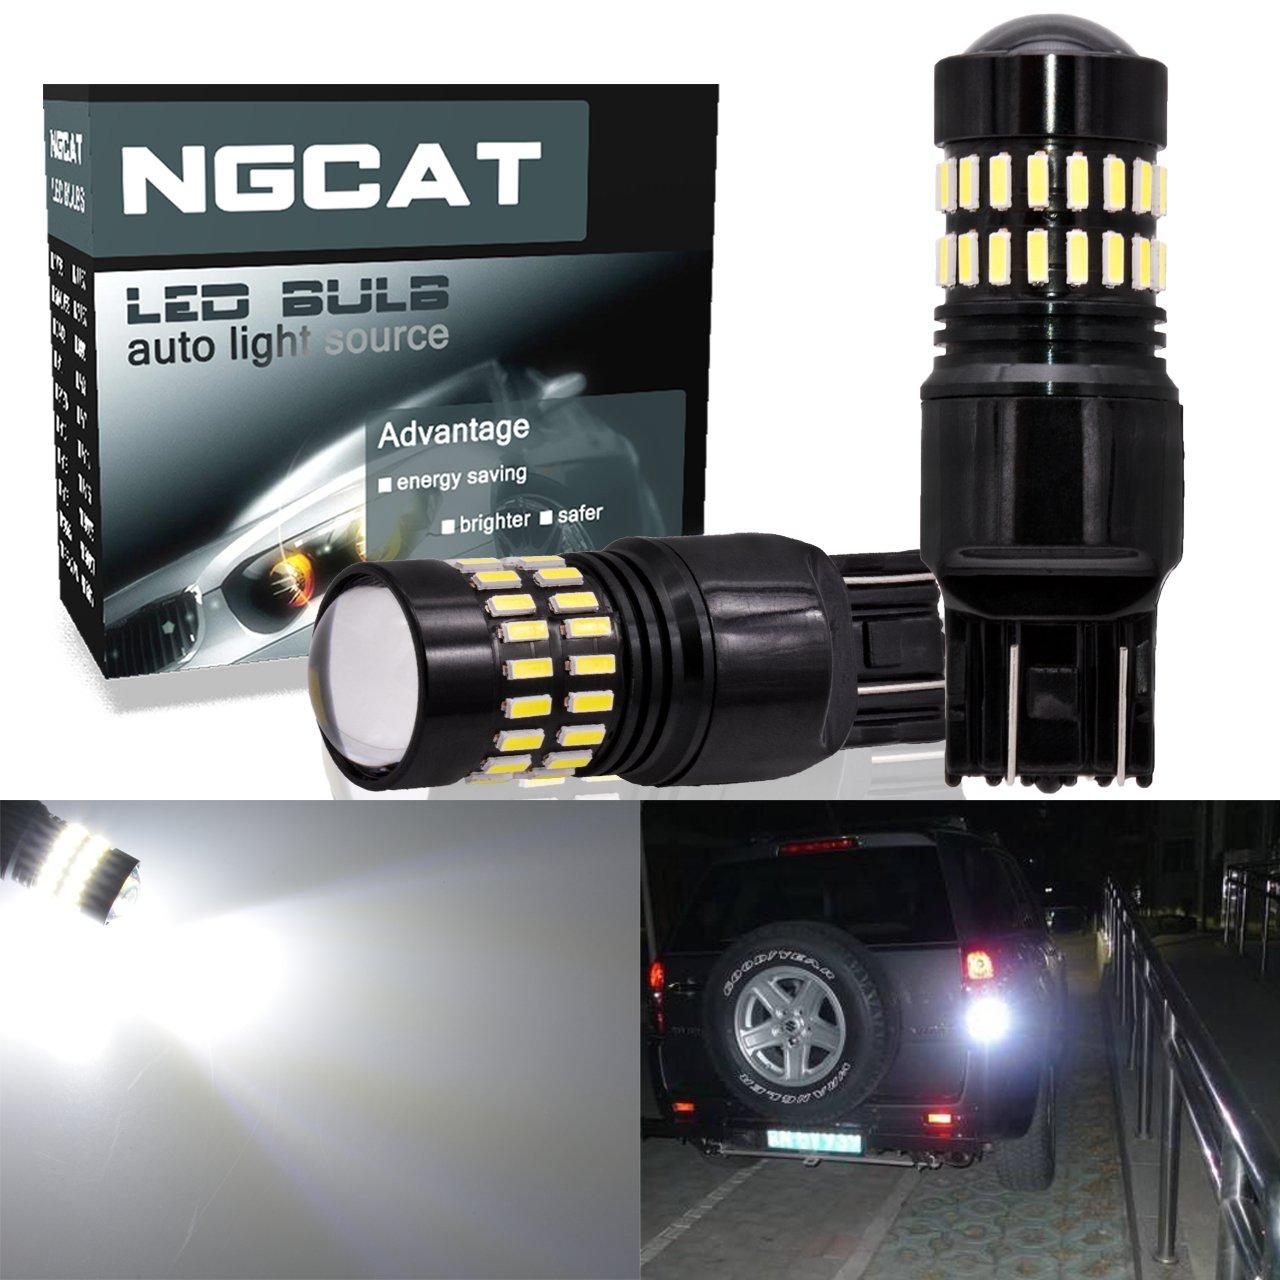 Ampoules LED NGCAT 1200LM très lumineuses 48-SMD 4014 - Ampoules à xénon blanc - Chipset pour LED T20 7444NA 7440 7440NA 7441 992 - Ampoules LED avec projecteur pour phares arrières (lot de 2 ampoules)